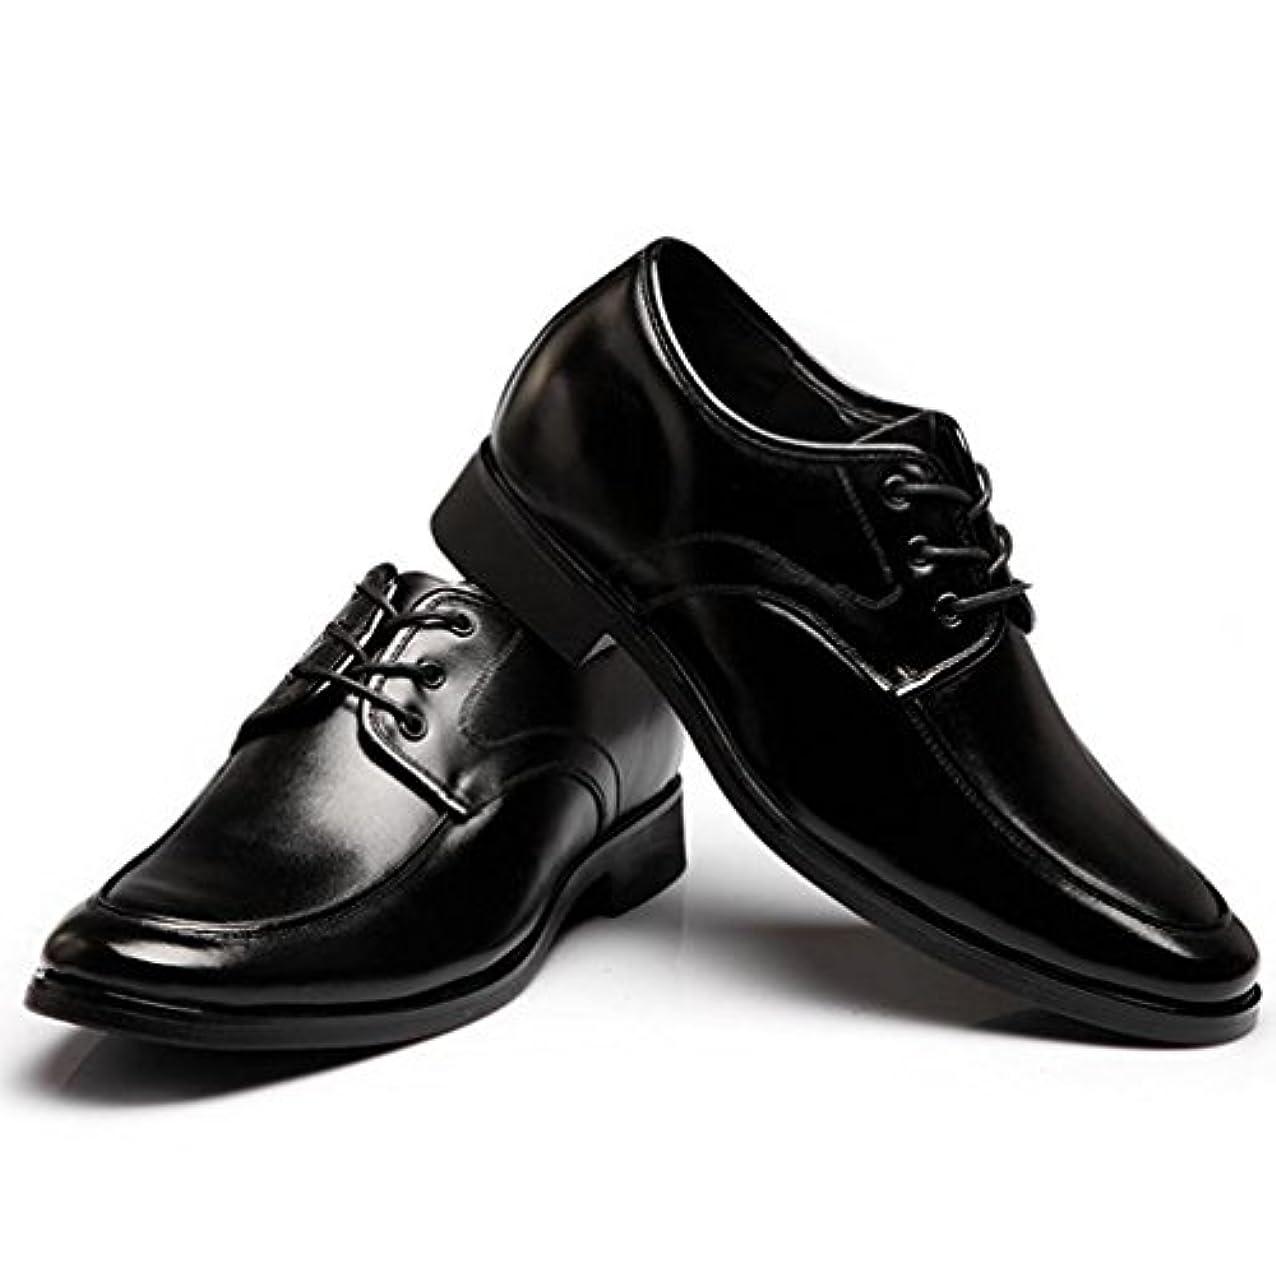 みすぼらしいクルーズ聞きます[XINXIKEJI]シークレットシューズ ビジネスシューズ メンズ インヒール 6cmUP 背が高くなる 内羽根 軽量 防滑 屈曲性 心地良い おしゃれ 通勤/カジュアル フォーマルシューズ 紳士靴 ブラック/黒